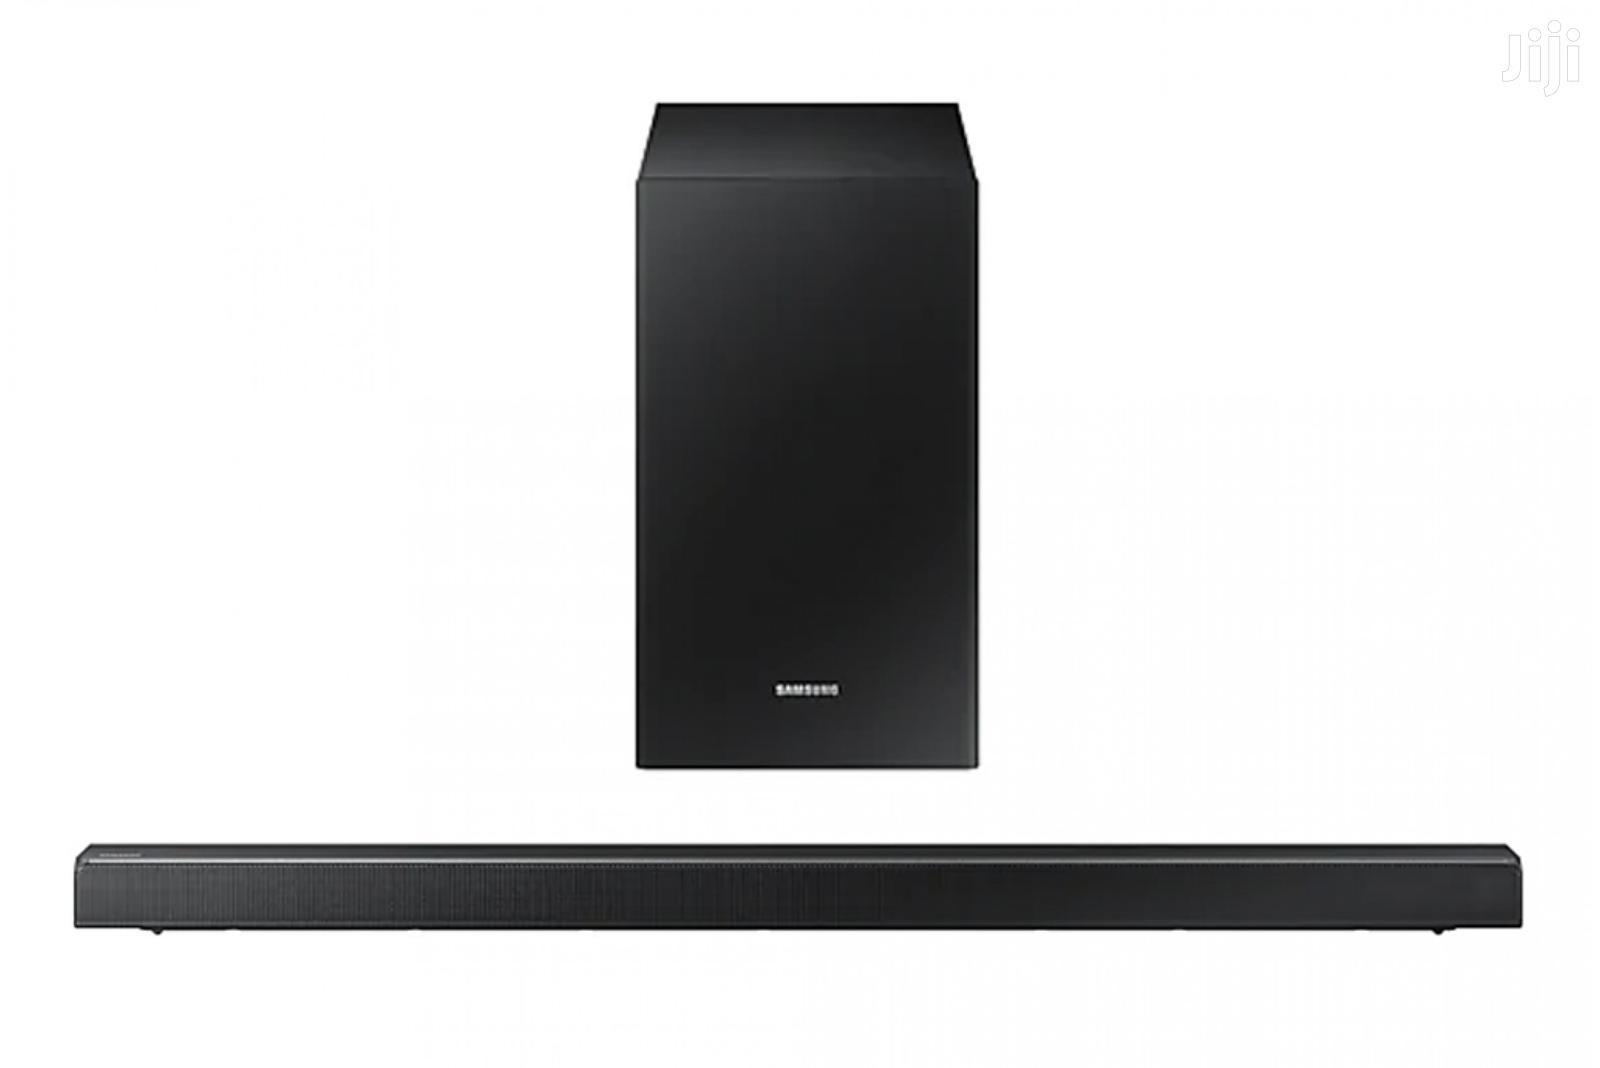 Samsung HW-R650 340W 3.1-channel Soundbar System